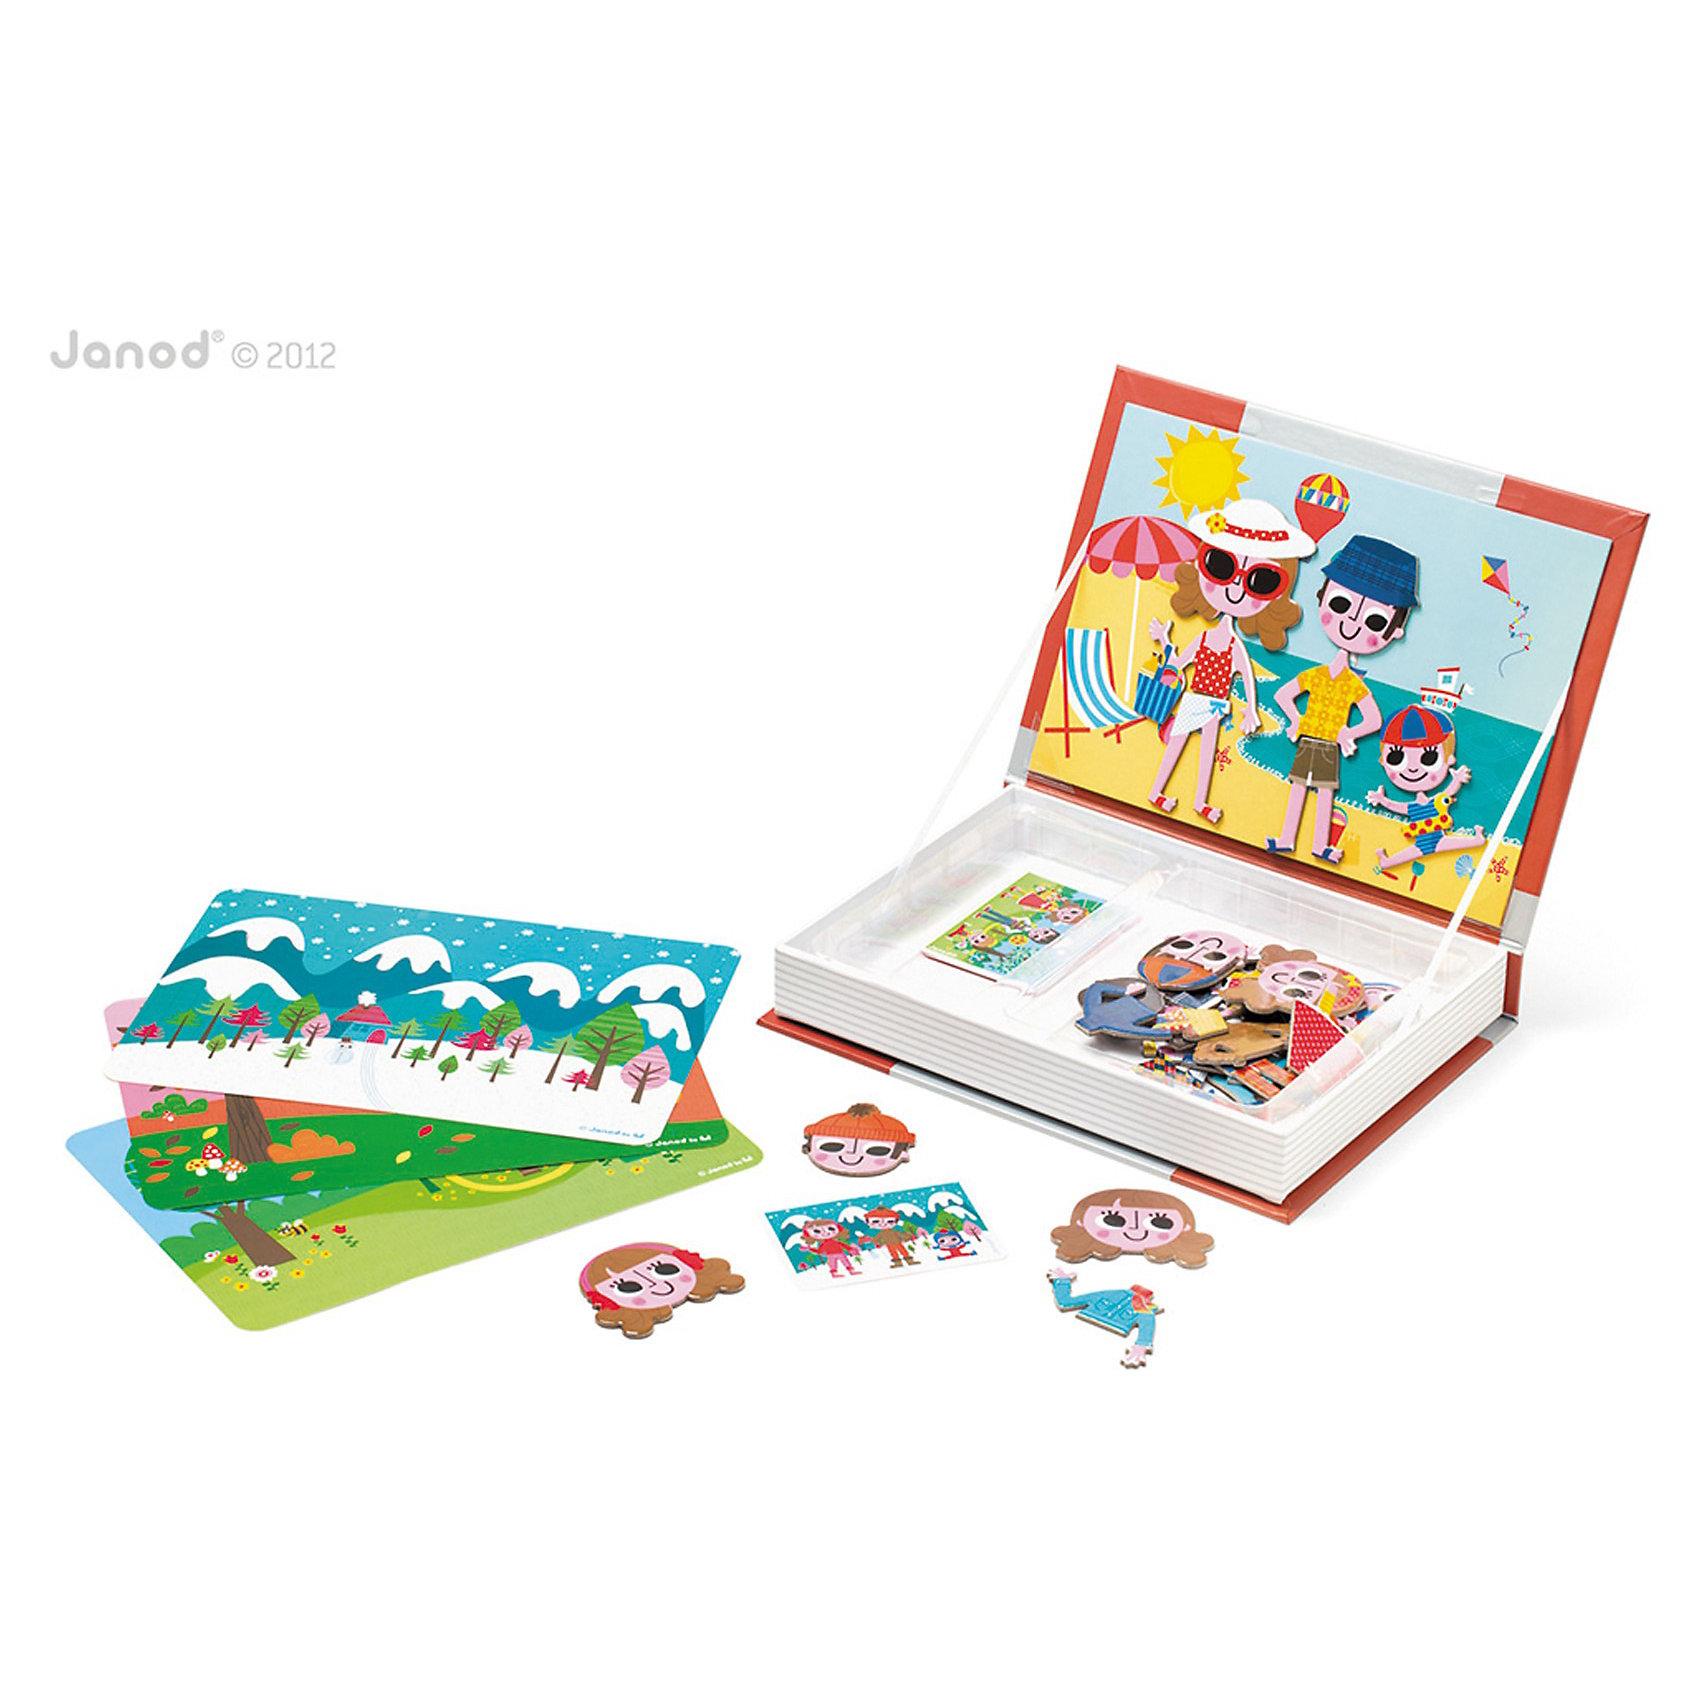 janod магнитная книга игра лошадки 24 магнита 8 моделей 4 пейзажа Janod Магнитная книга-игра Времена года, Janod